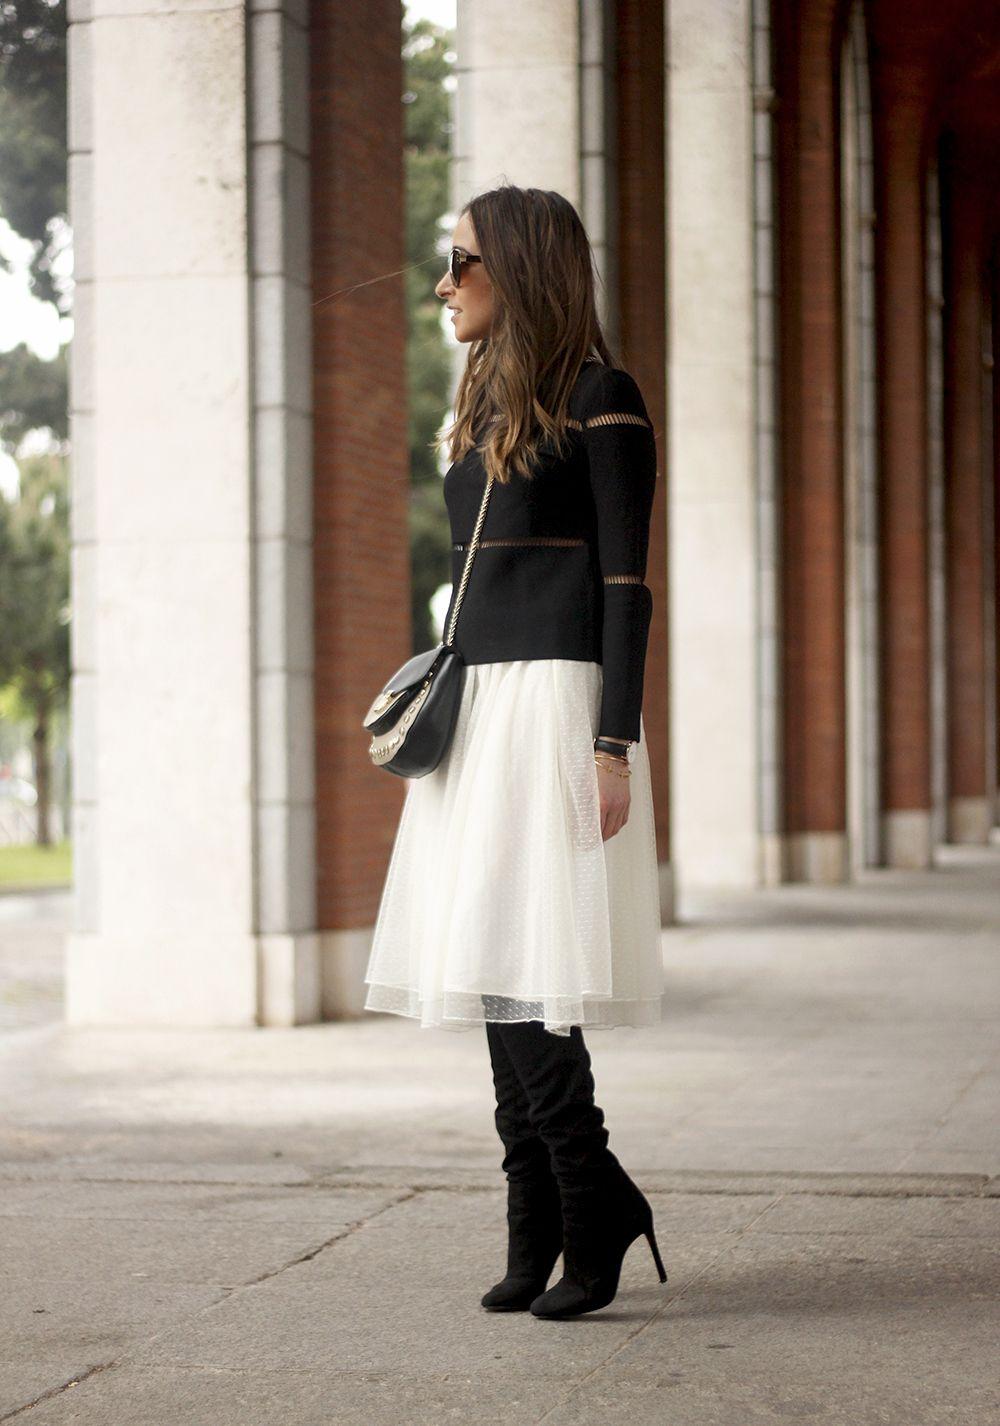 d1fa886df6f Tulle White Skirt Kanten Rokje, Midi Rok Outfit, Rokoutfits, Zwarte Suède  Laarzen,